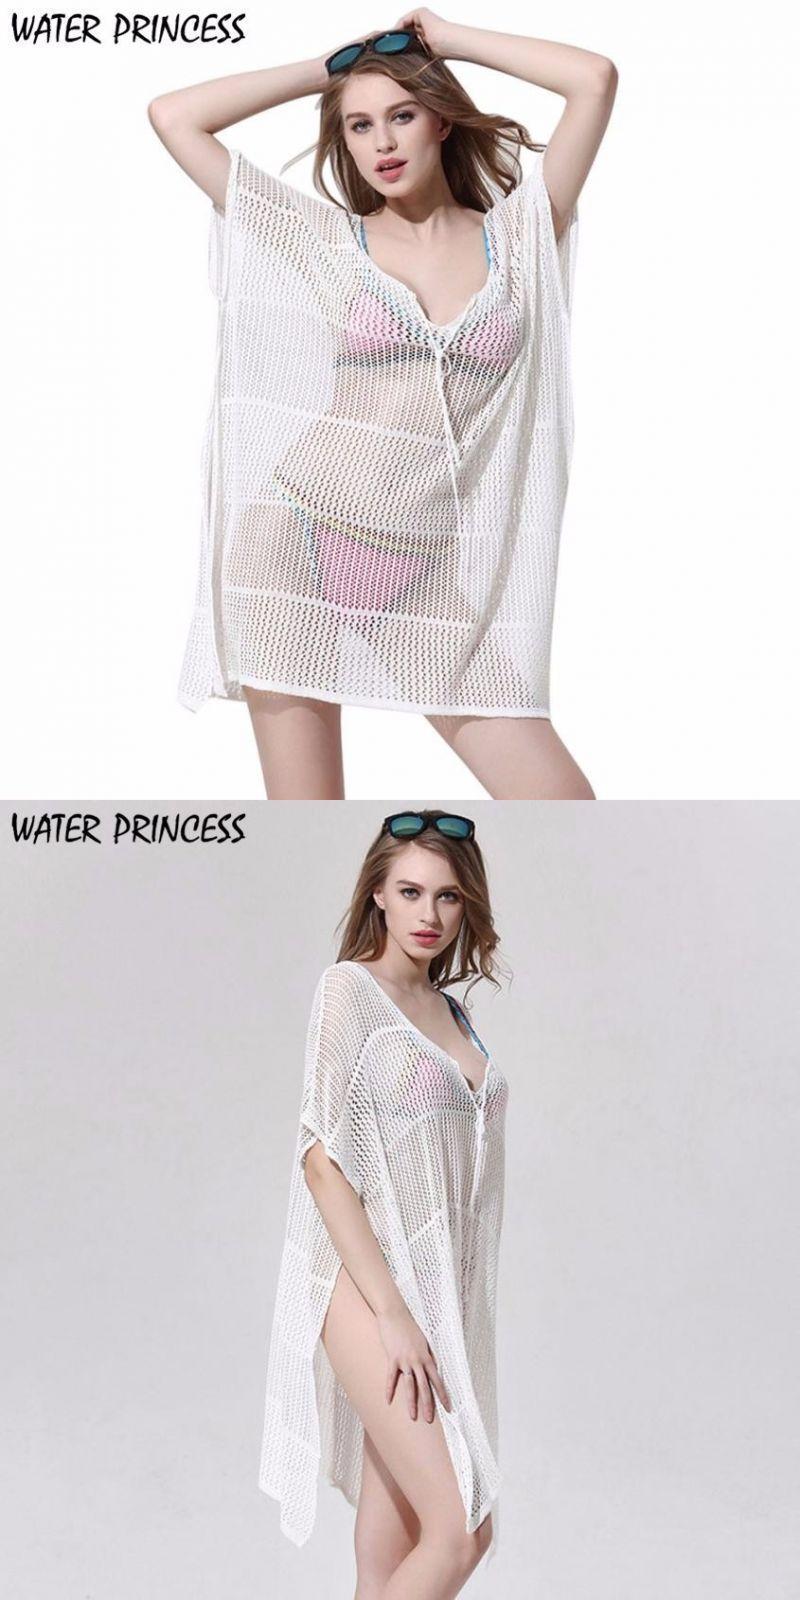 Women Bikini Cover Up Hollow Crochet Swimsuit Beach Tunic Long Shirt Solid Buy One Give One Women's Clothing